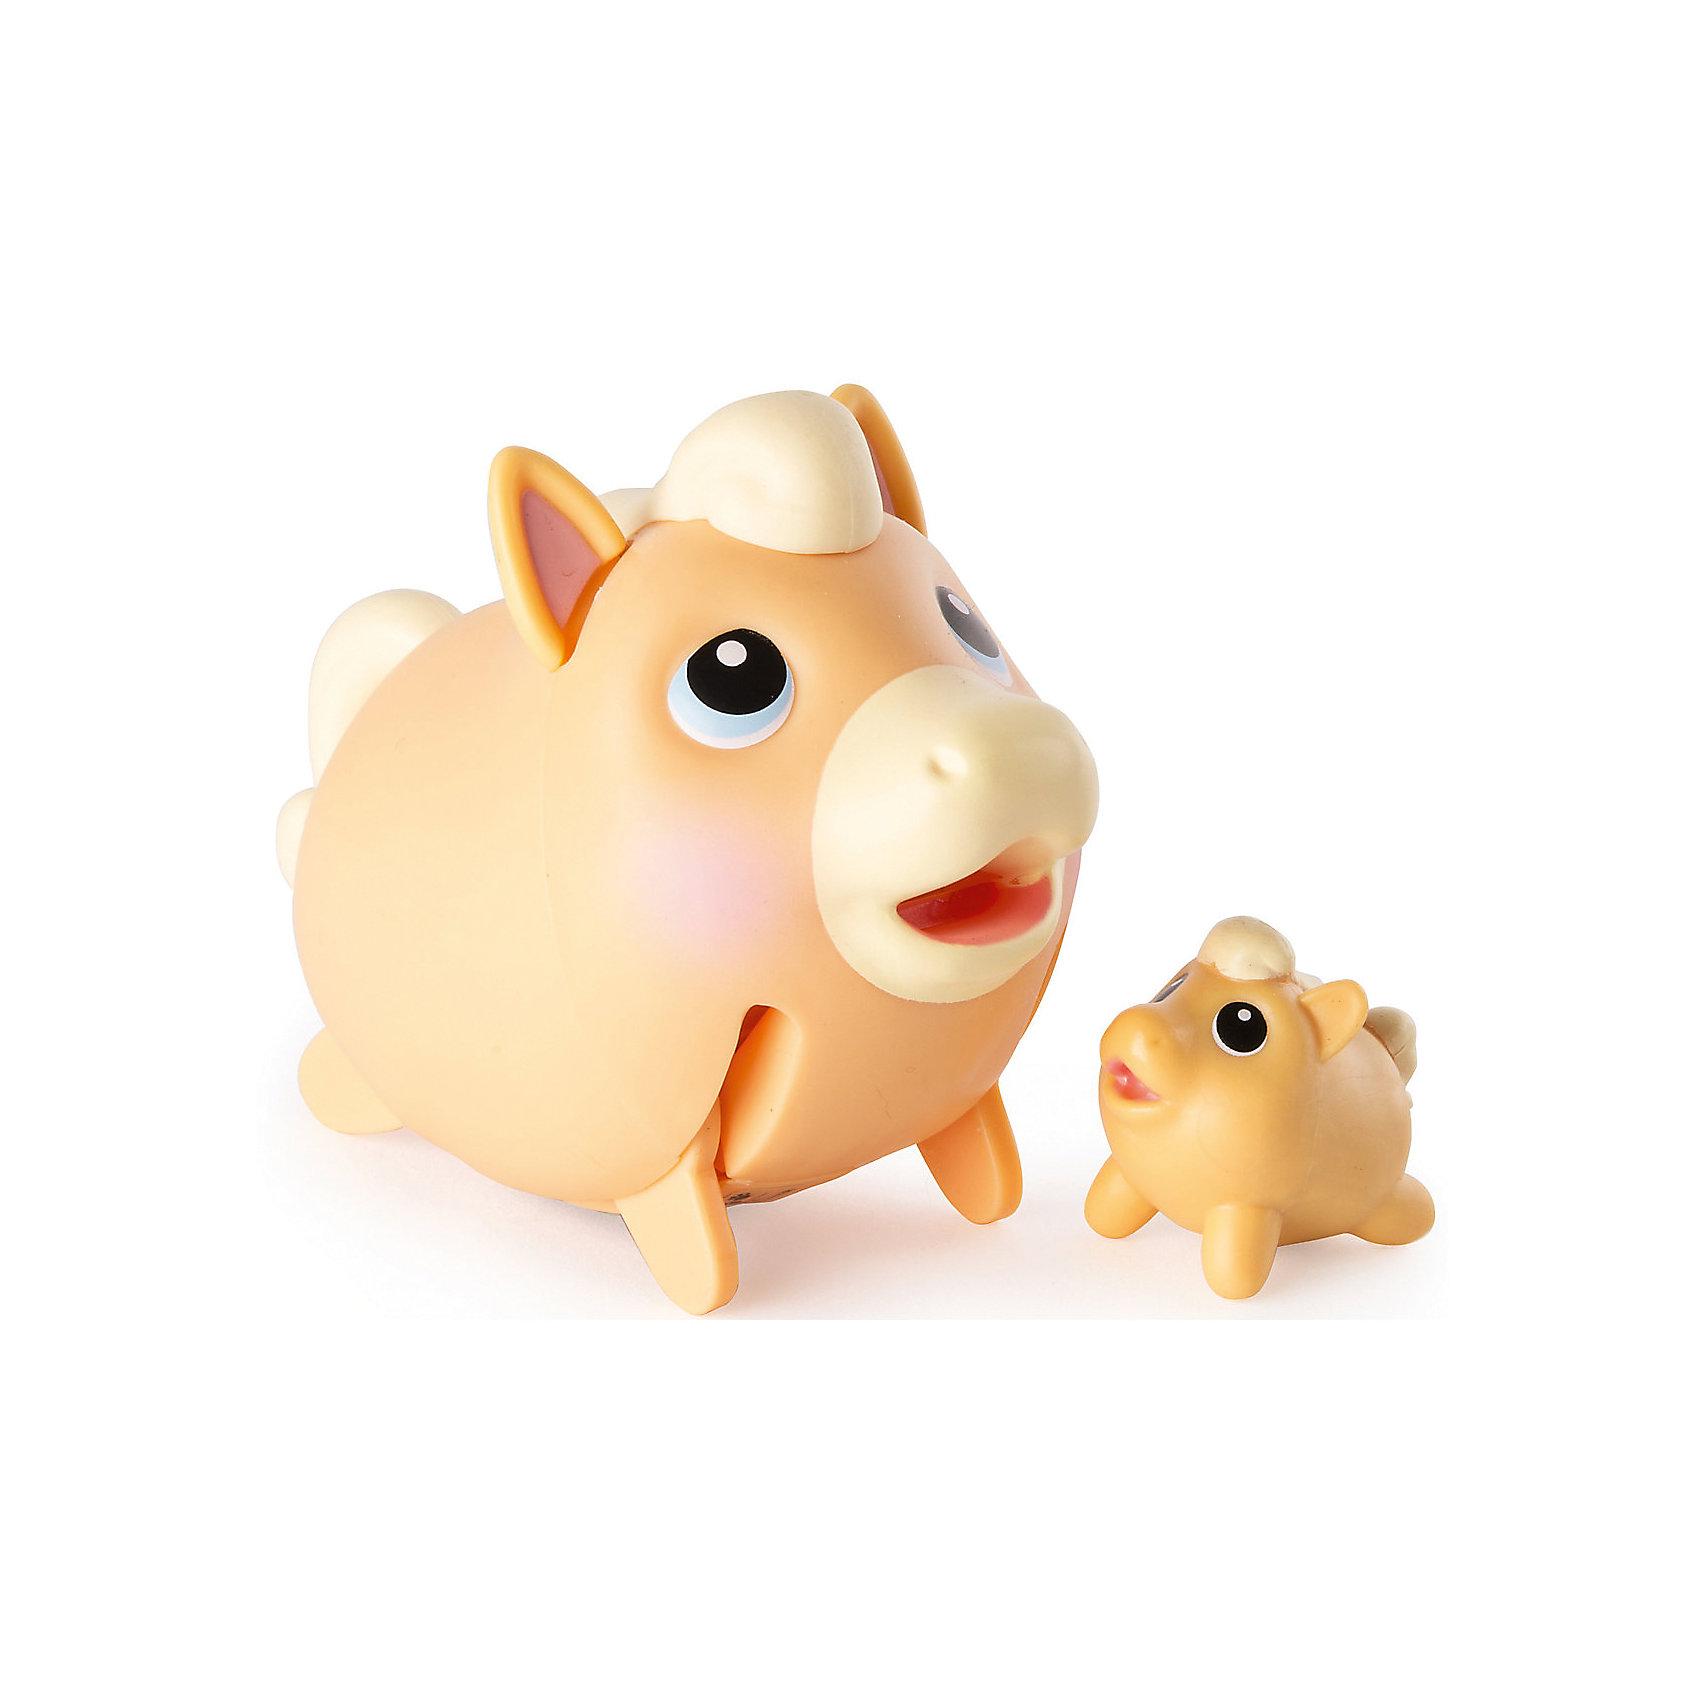 Коллекционная фигурка Лошадка, Chubby PuppiesЛюбимые герои<br>Характеристики товара:<br><br>- цвет: разноцветный;<br>- материал: пластик;<br>- размер упаковки: 15х8х11 см;<br>- вес: 250 г;<br>- комплектация: большая и маленькая фигурки. <br><br>Игрушки от бренда Chubby Puppies - это симпатичные животные, которые умеют забавно двигаться. Эта игрушка очень качественно выполнена, поэтому она станет отличным подарком ребенку. Такое изделие отлично тренирует у ребенка разные навыки: играя с ней, малыш развивает мелкую моторику, цветовосприятие, внимание, воображение и творческое мышление.<br>Данная модель дополнена маленькой копией животного! Из этих фигурок можно собрать целую коллекцию! Изделие произведено из высококачественного материала, безопасного для детей.<br><br>Коллекционную фигурку Лошадка от бренда Chubby Puppies можно купить в нашем интернет-магазине.<br><br>Ширина мм: 80<br>Глубина мм: 110<br>Высота мм: 150<br>Вес г: 250<br>Возраст от месяцев: 36<br>Возраст до месяцев: 2147483647<br>Пол: Унисекс<br>Возраст: Детский<br>SKU: 5094041